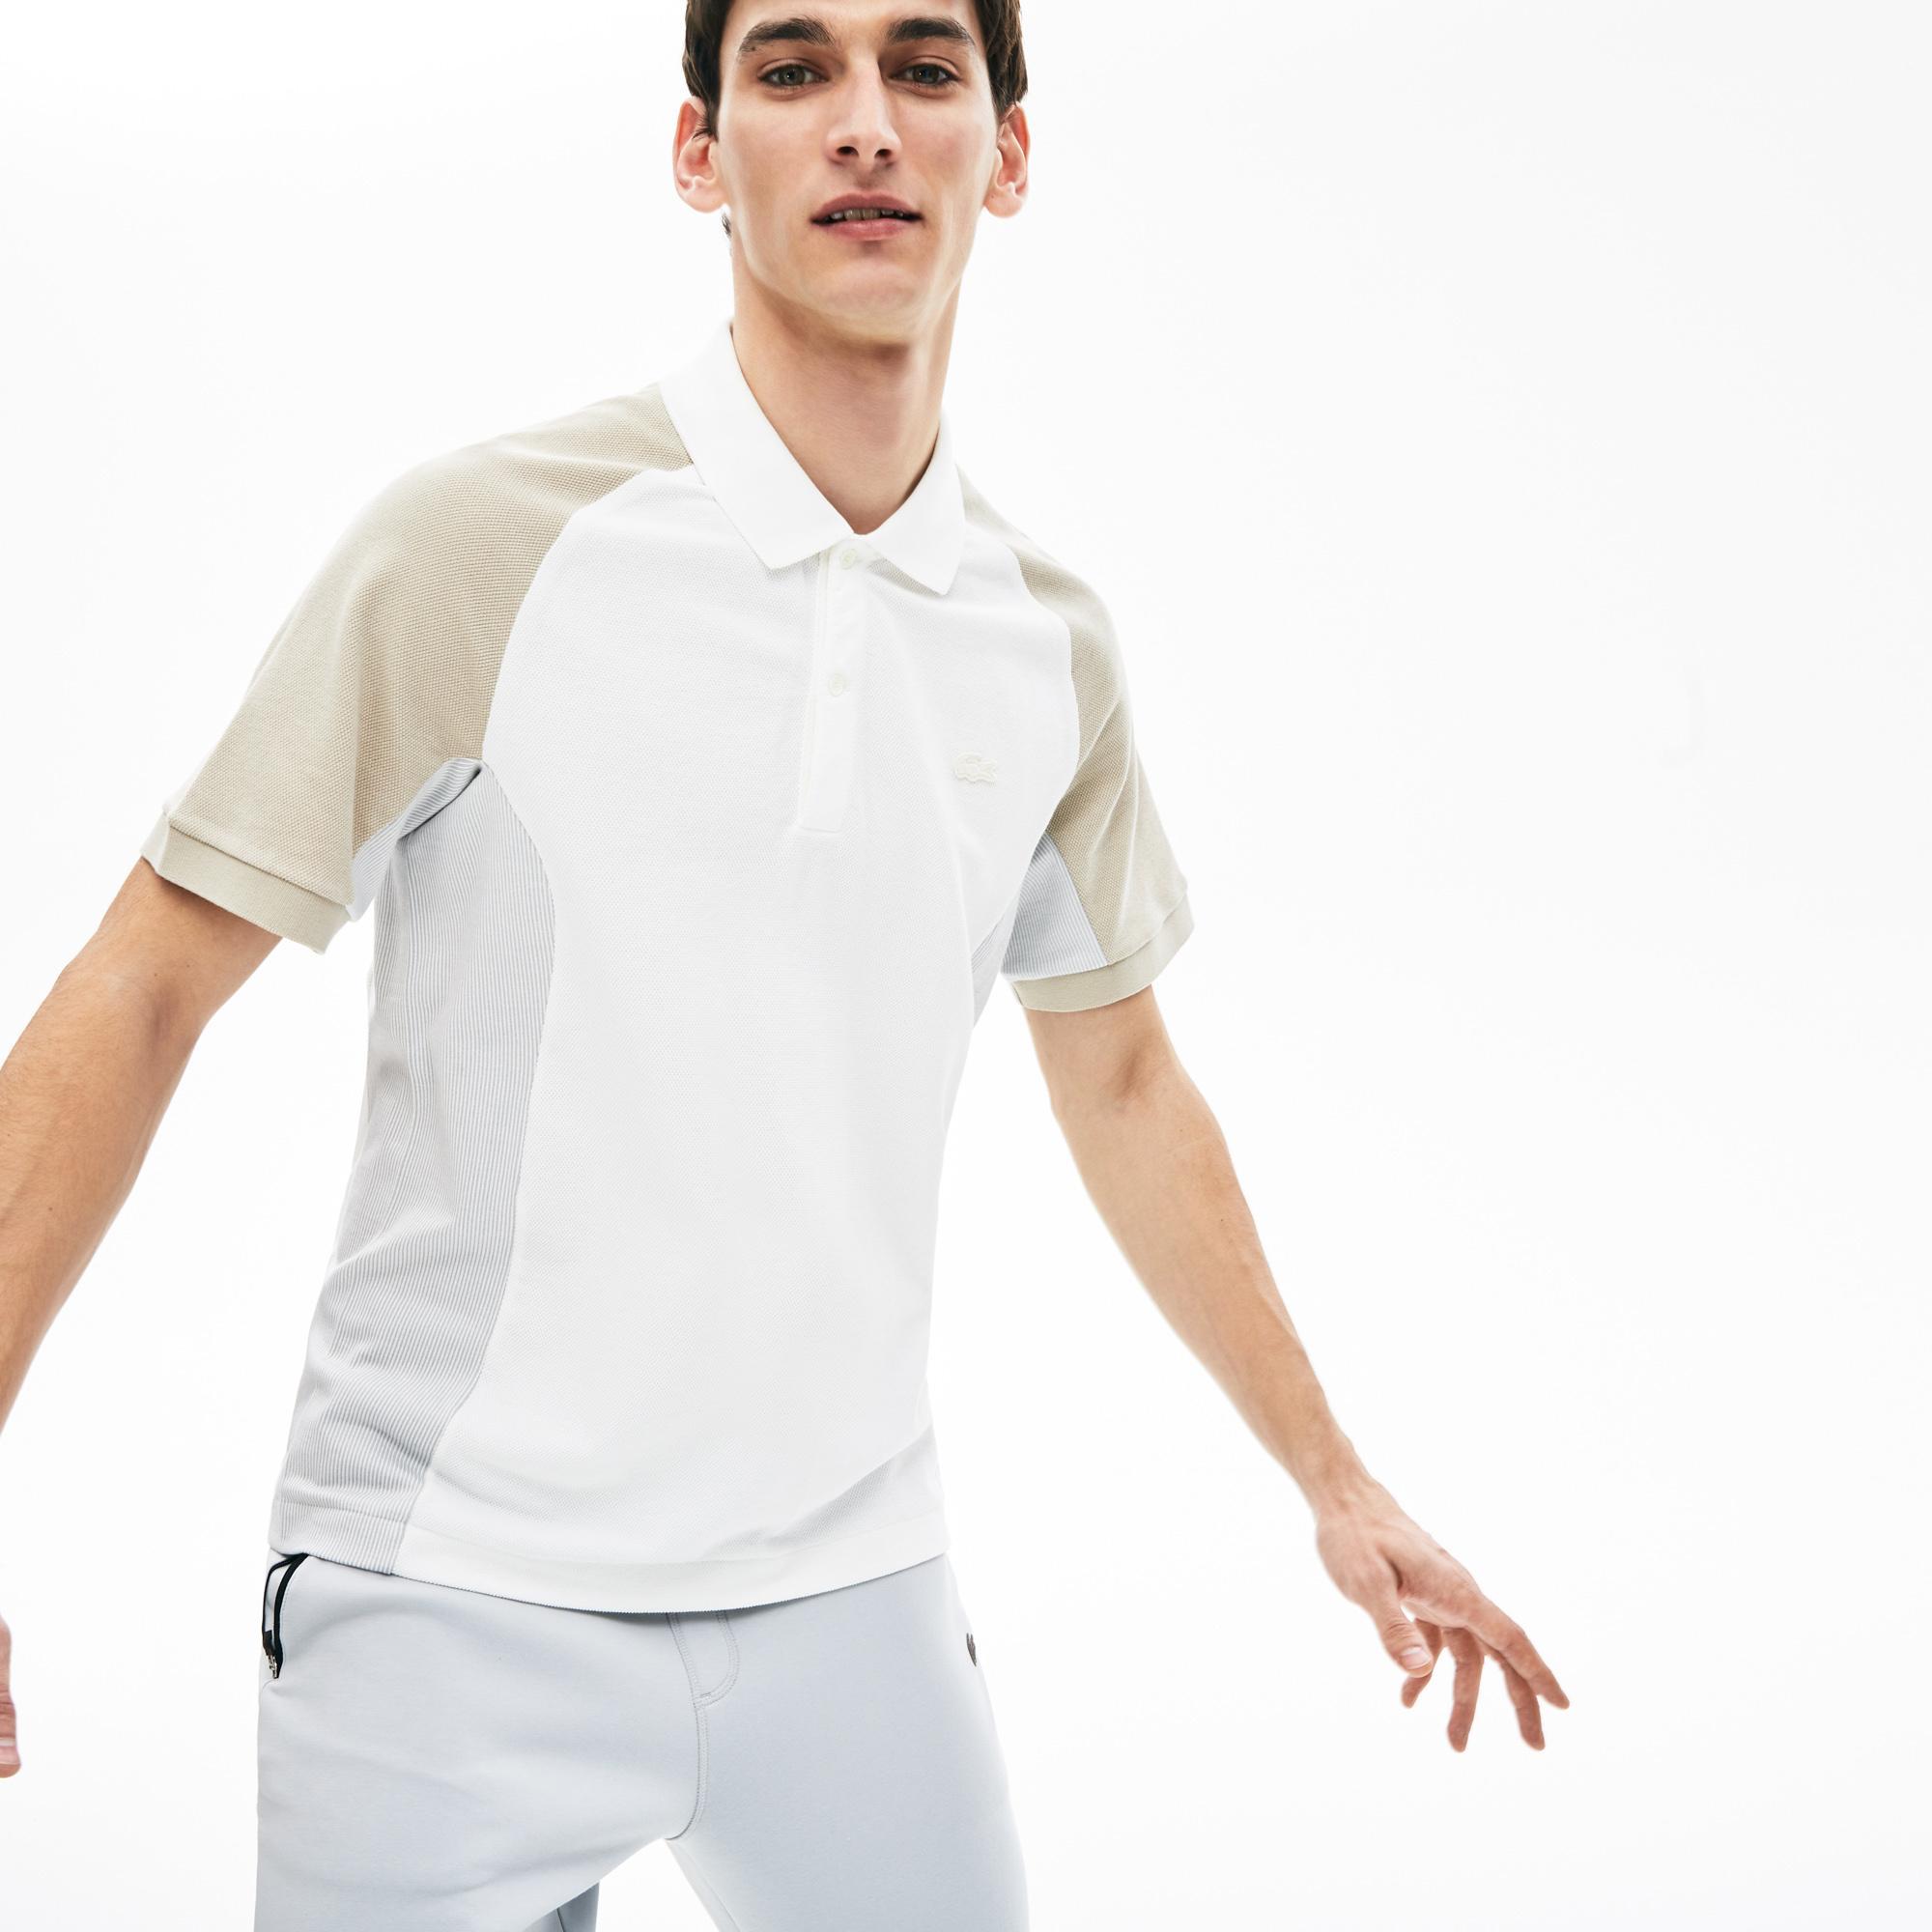 Lacoste Męska Koszulka Polo Z Piki W Bloki Kolorystyczne